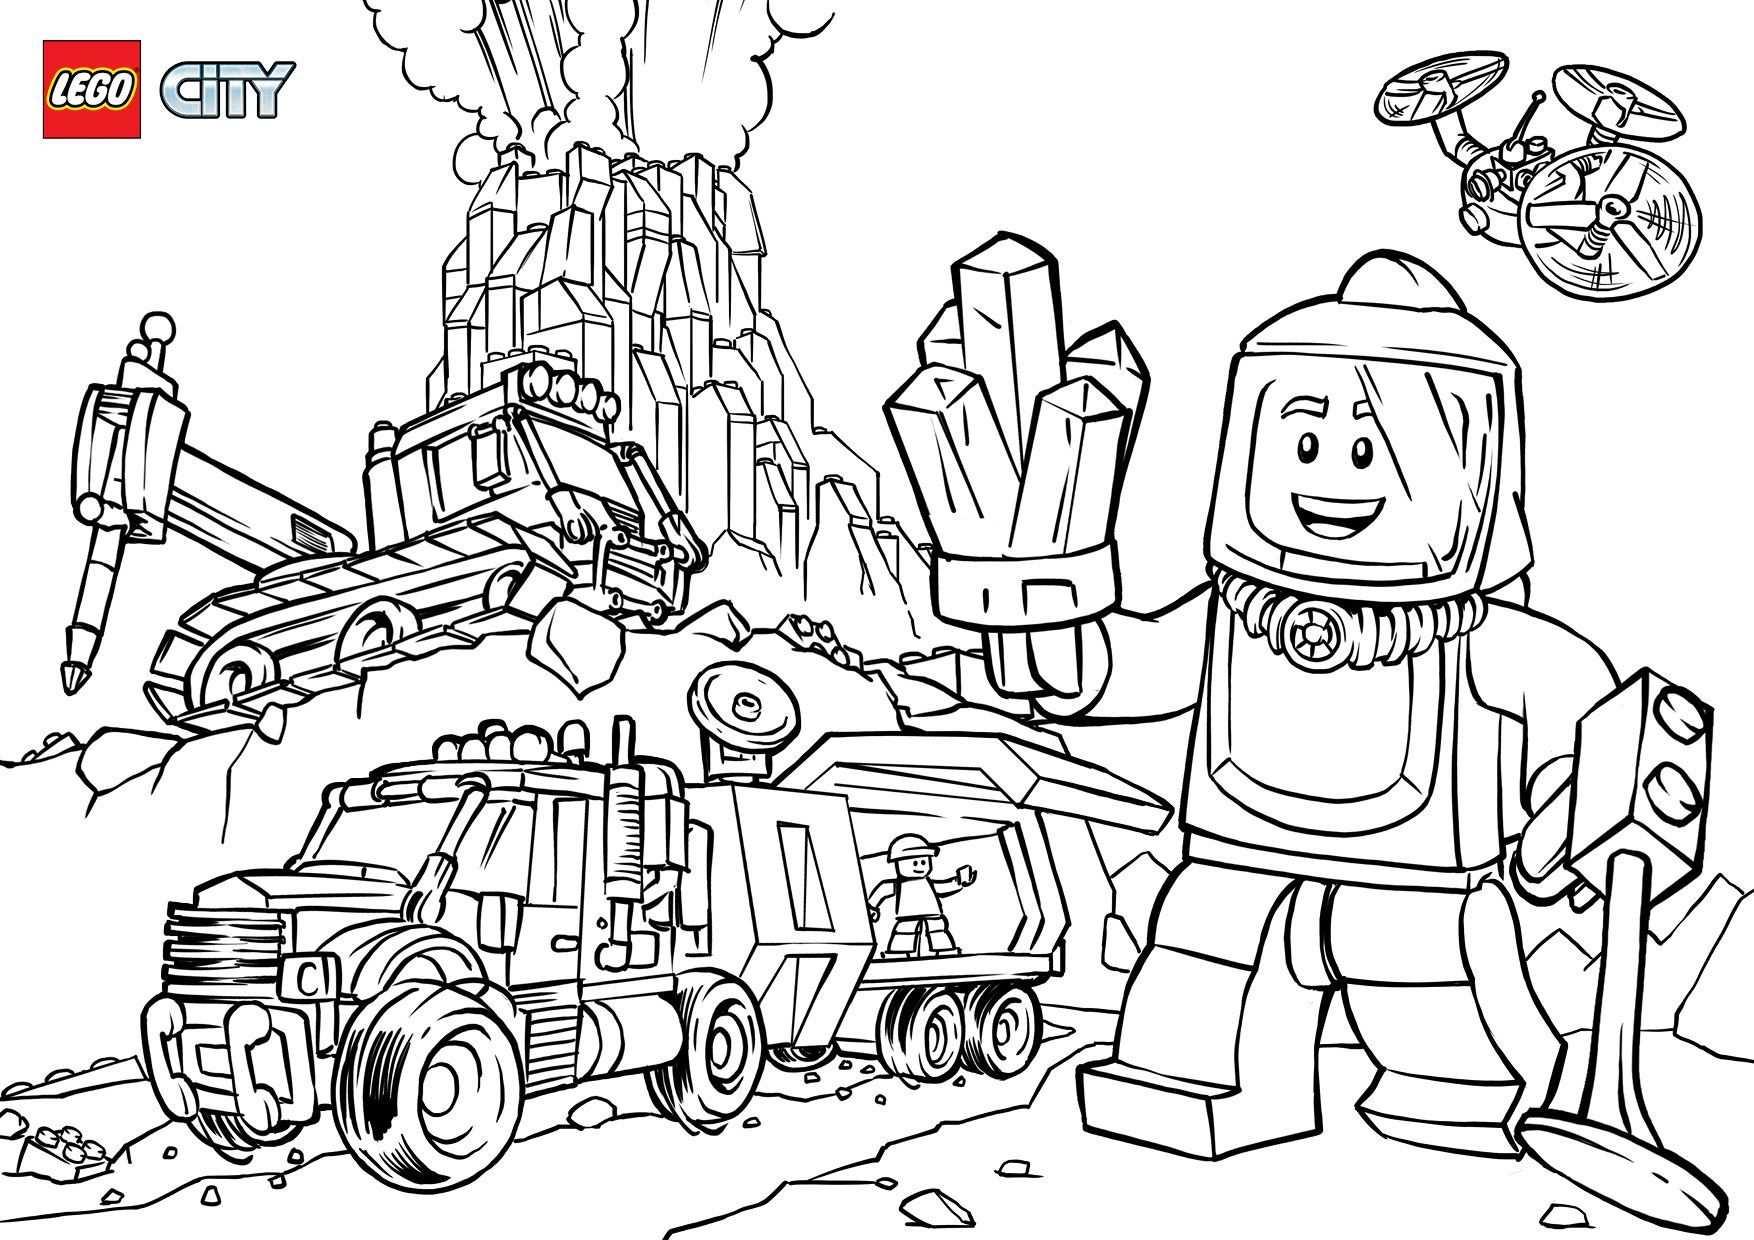 Lego Ausmalbilder City Siehe Die Verschiedenen Lego City